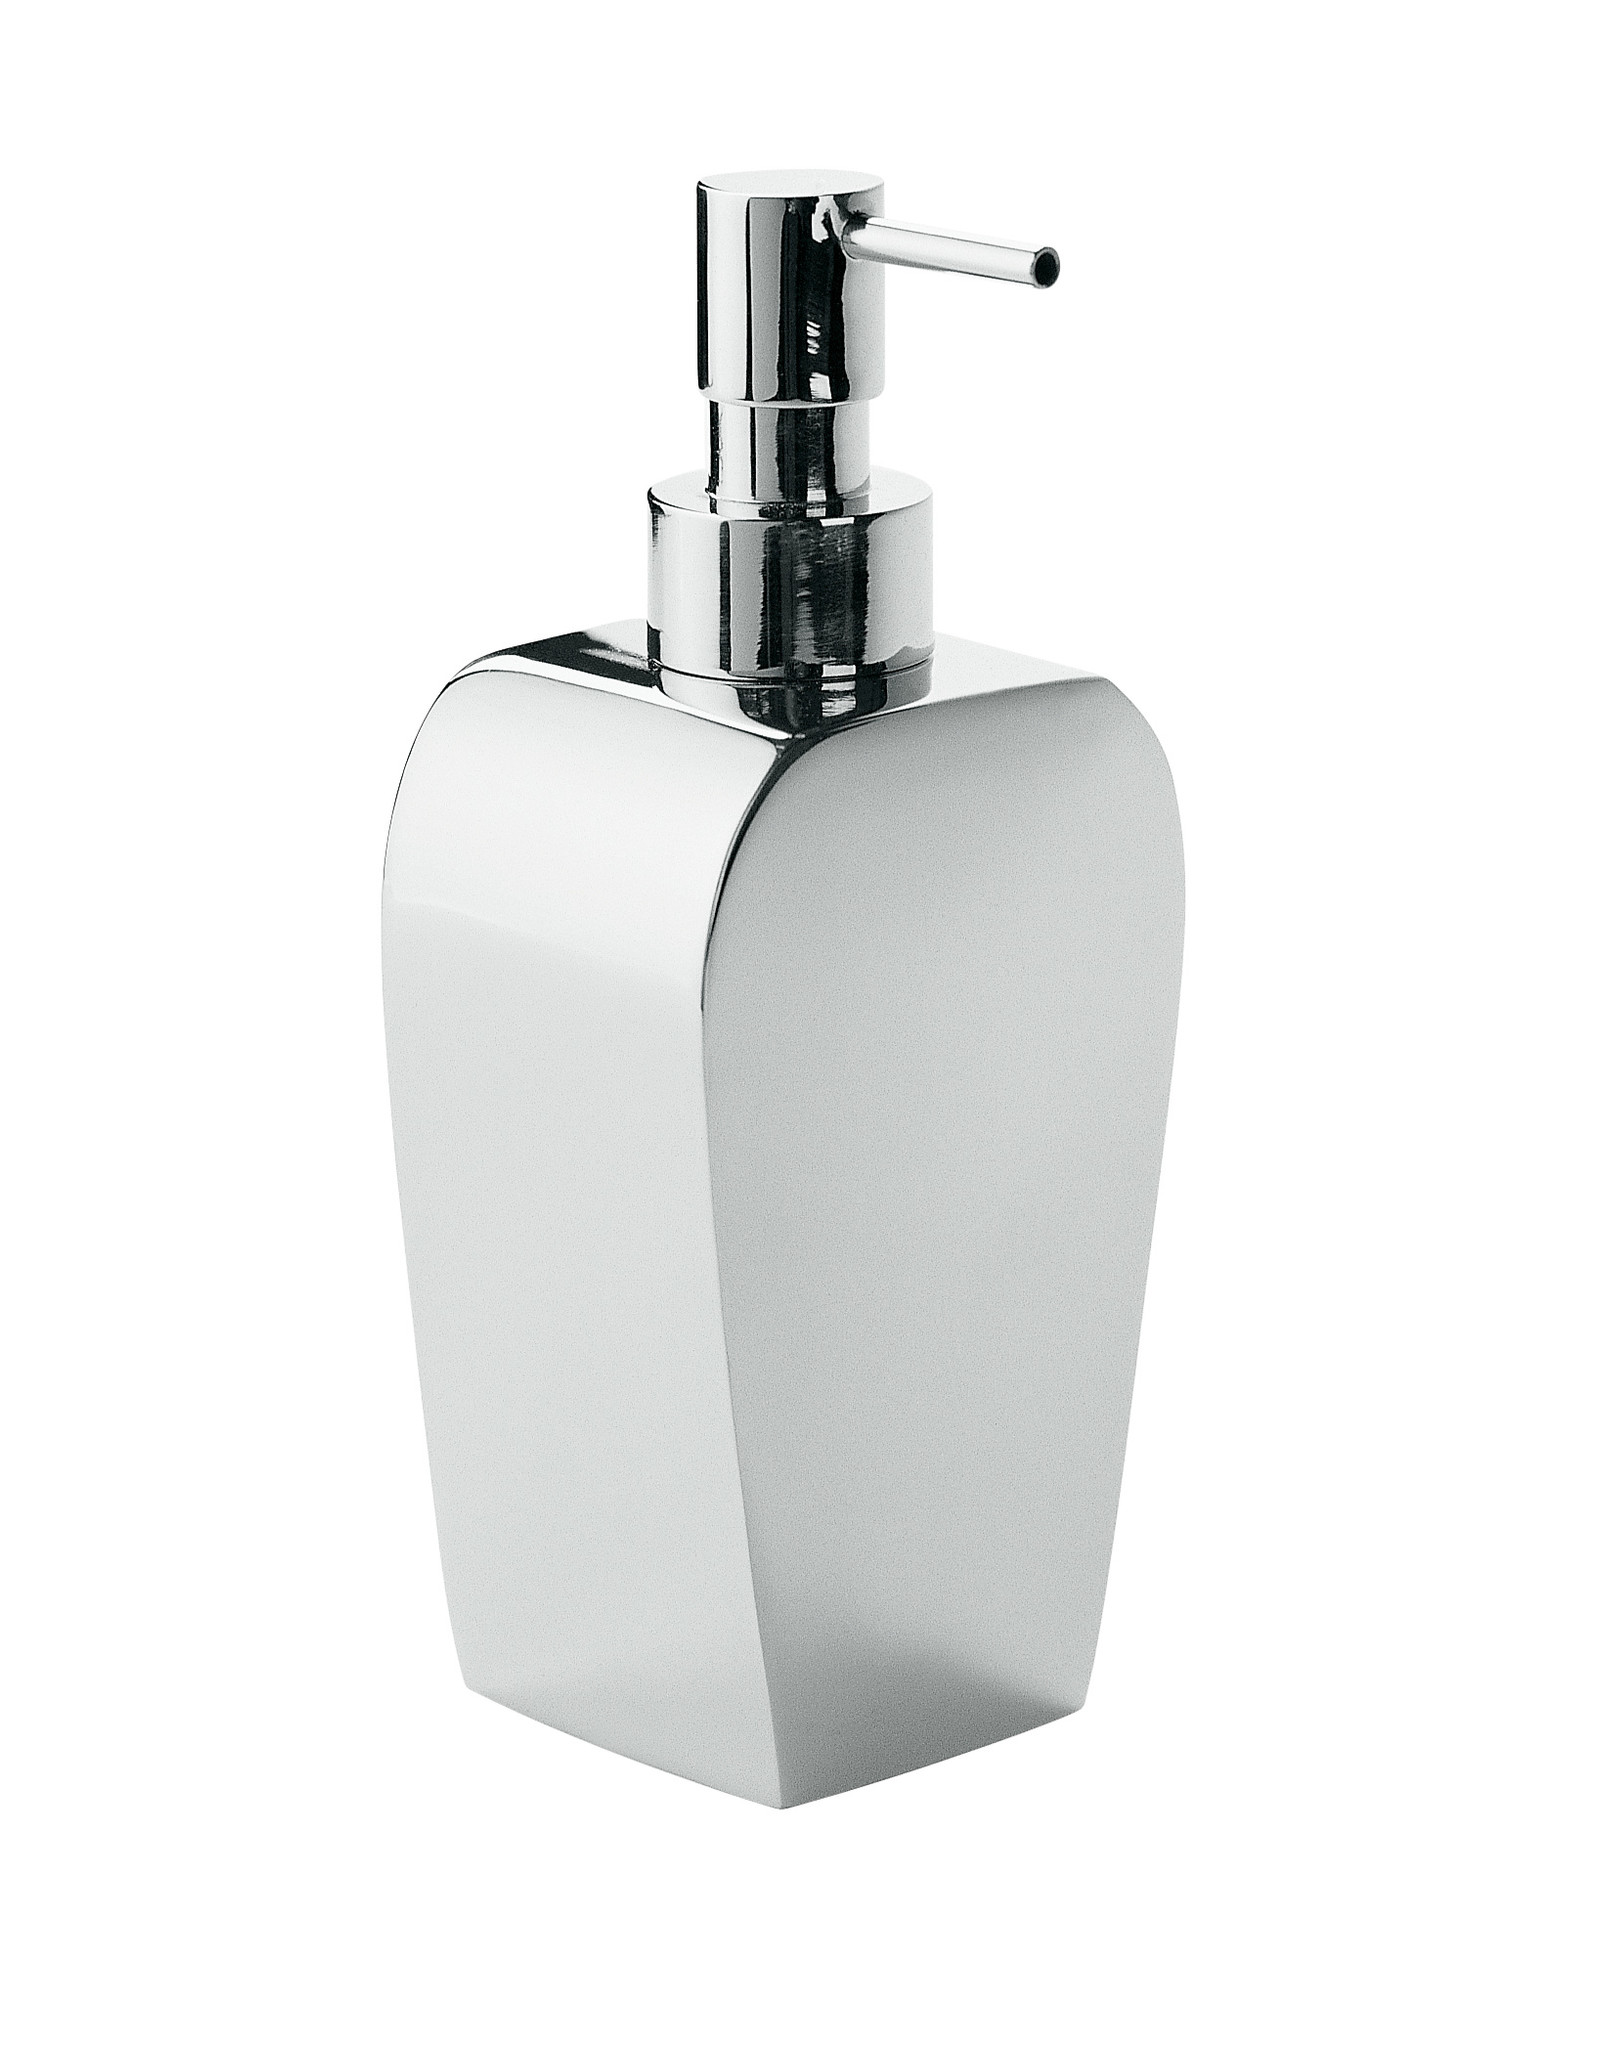 Saon distributeur de savon 17,5cm, à poser - vente